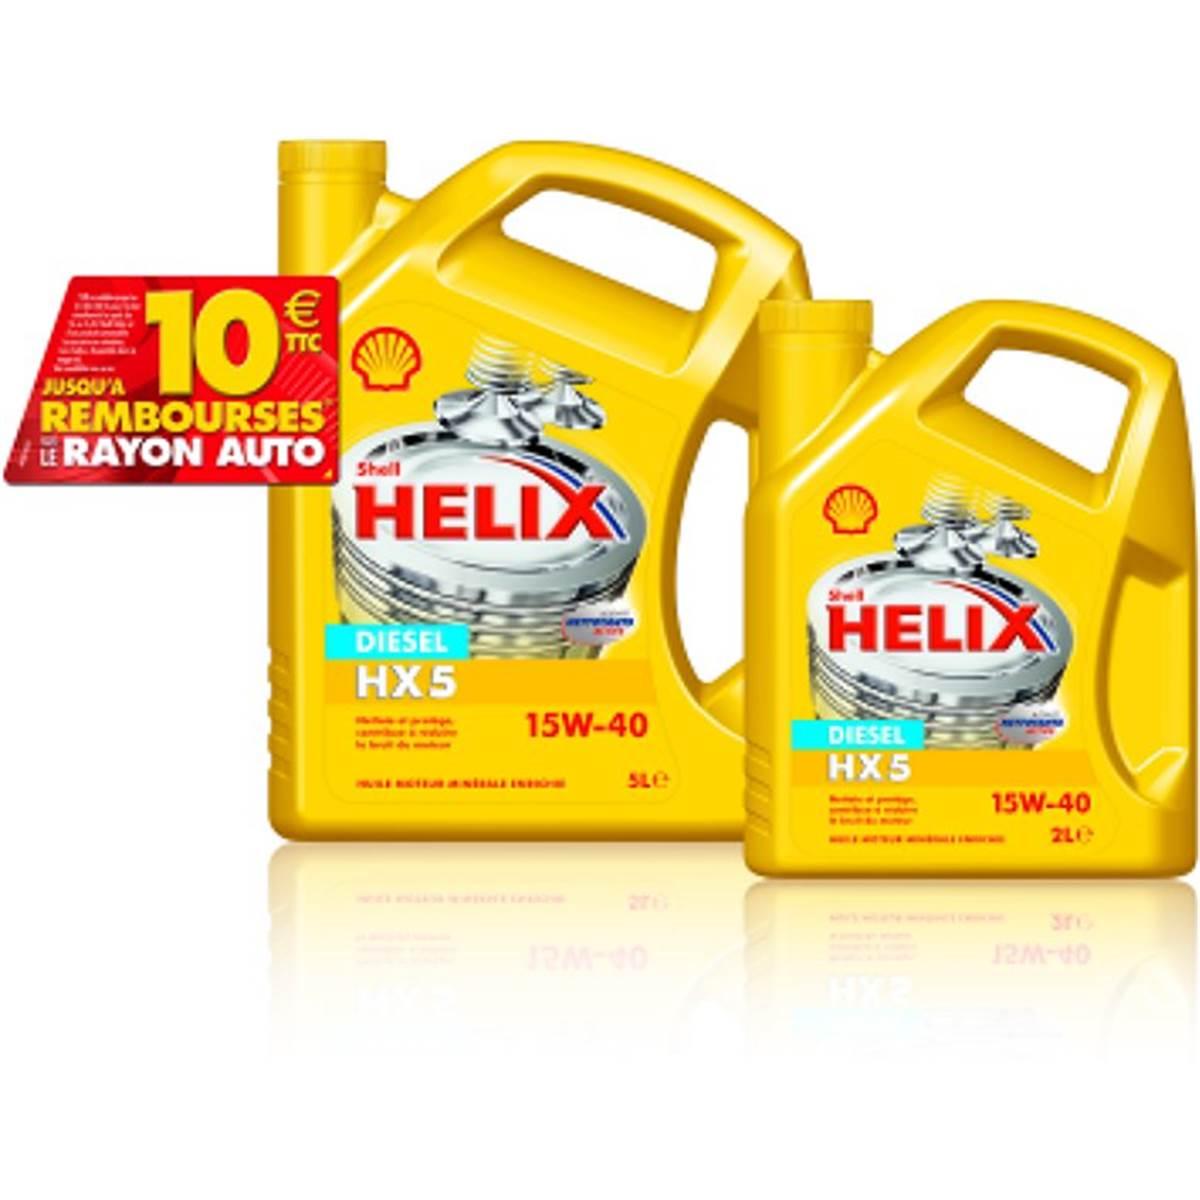 Huile SHELL HELIX5 15W40 ESSENCE 5L+2L+REMBOURSEMENT 6 E